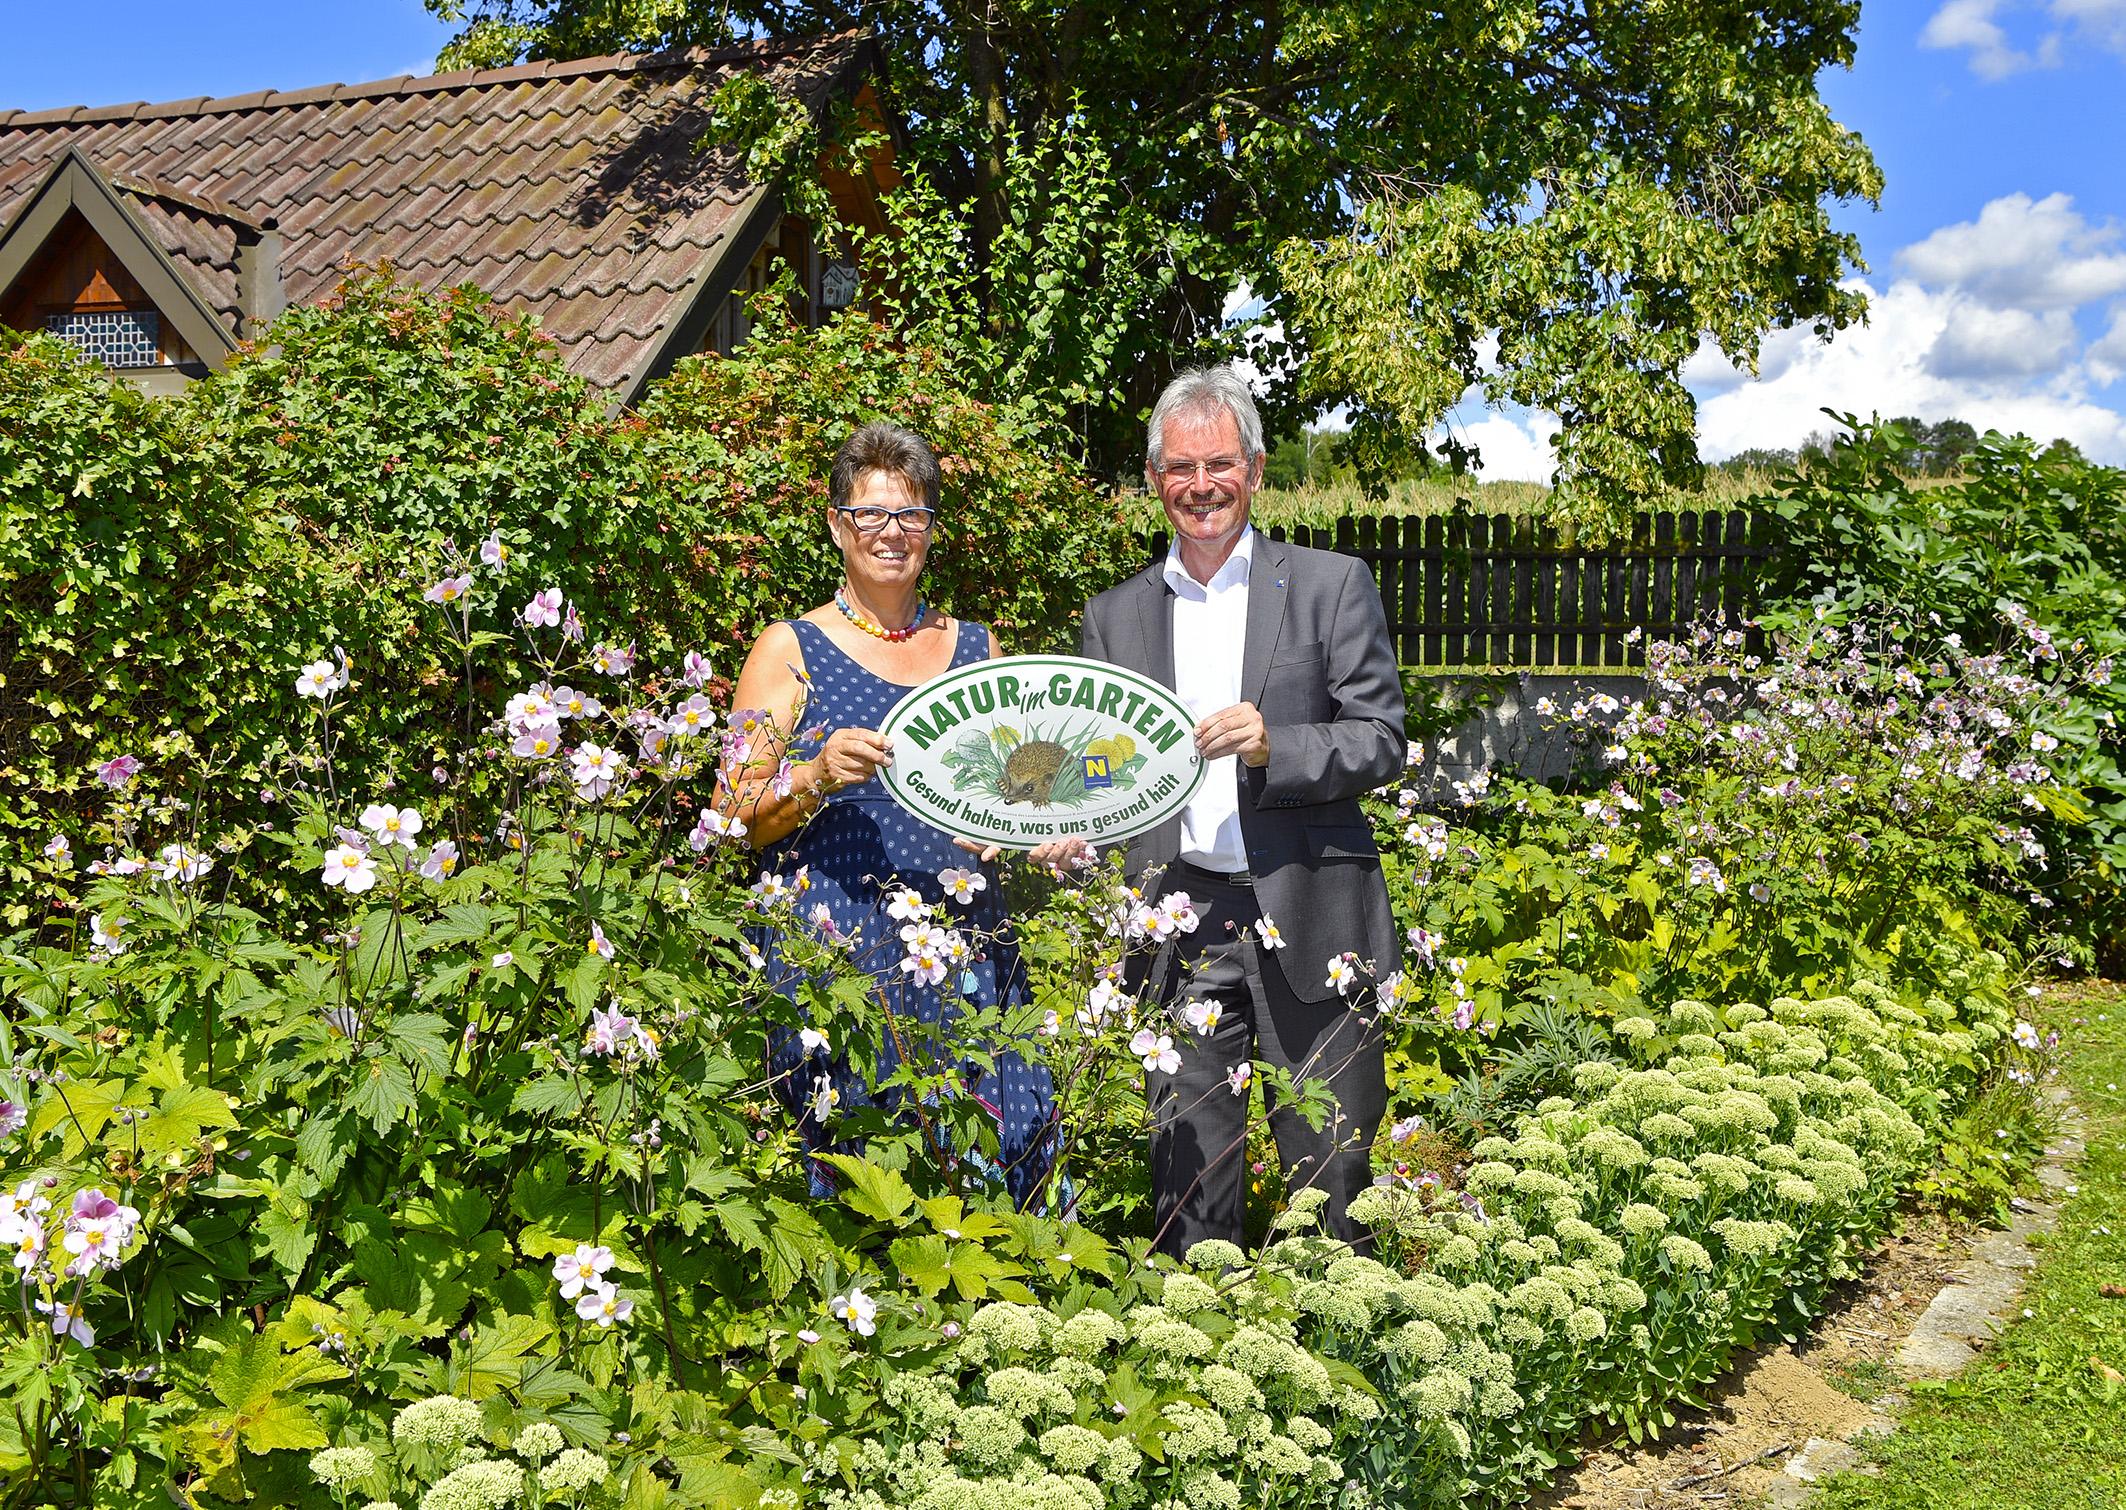 15 000 Ste Natur Im Garten Plakette Ubergeben Willkommen Auf